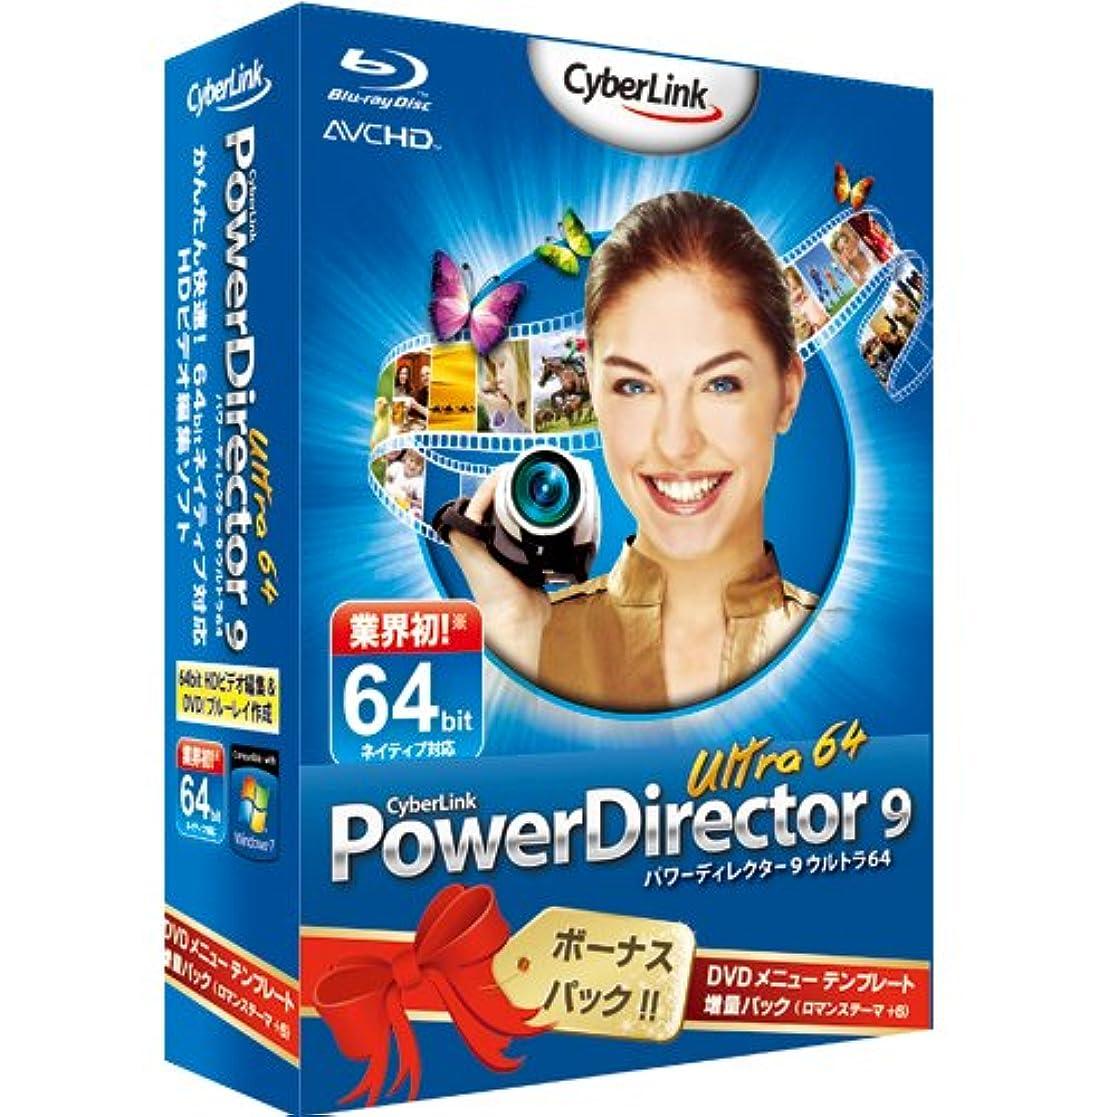 違法怪しい浜辺PowerDirector9 Ultra64 DVDメニューテンプレ増量